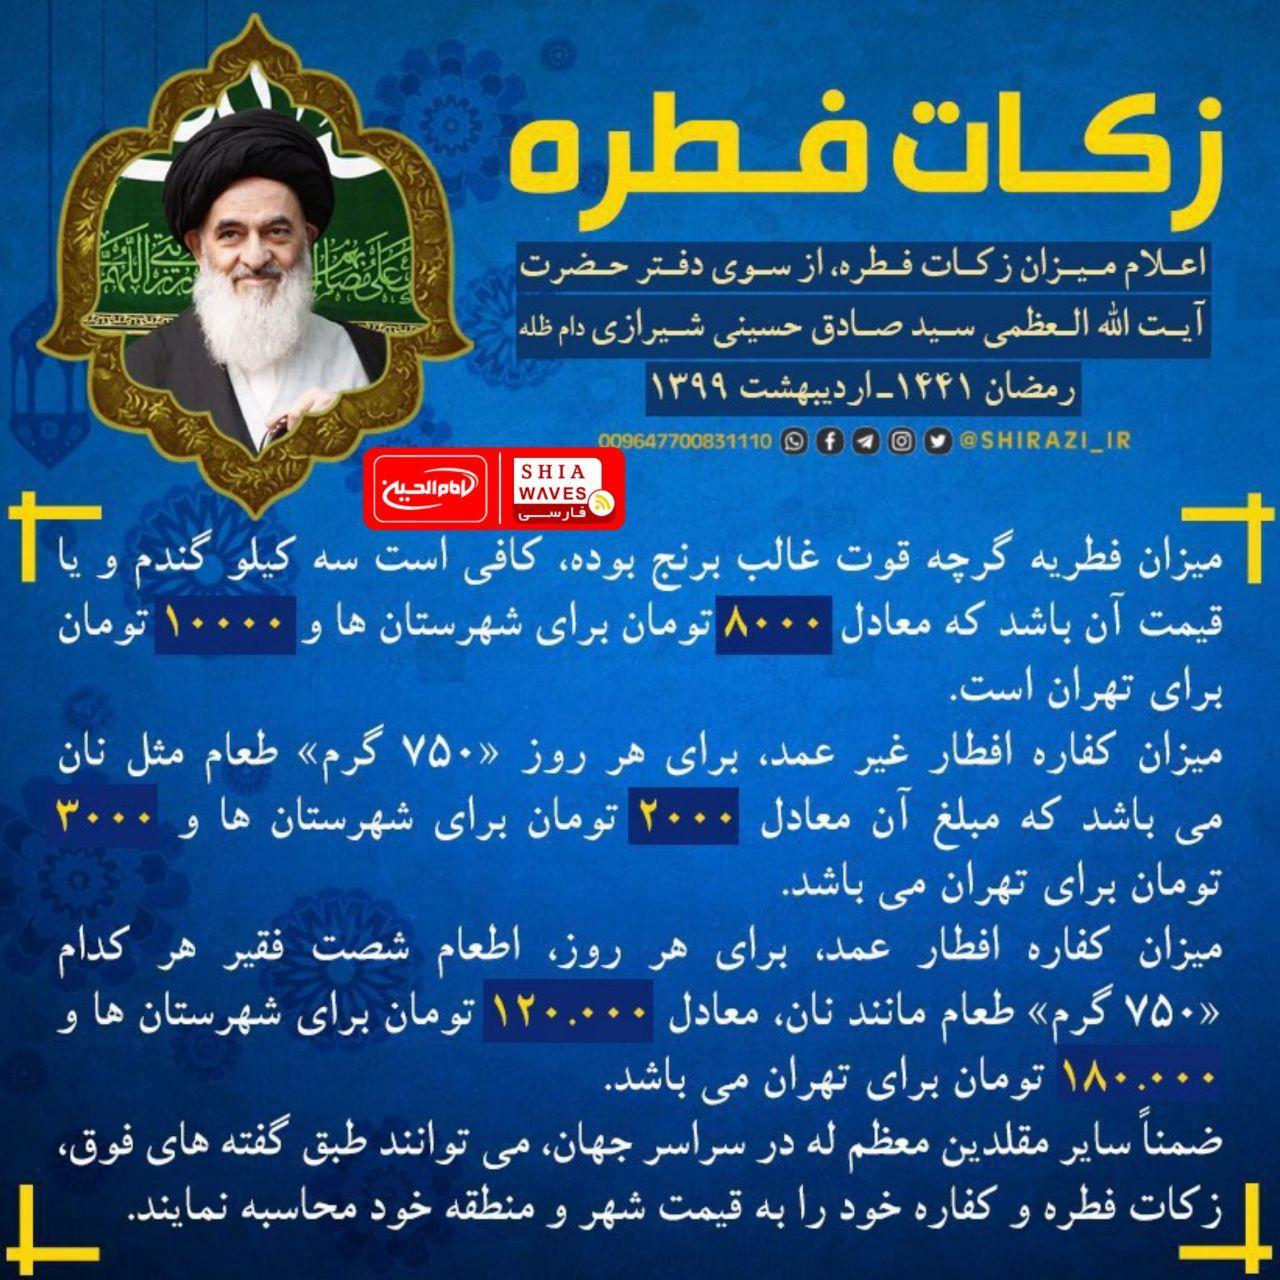 تصویر اعلام مبلغ زکات فطره، از سوی دفتر مرجعیت شیعه